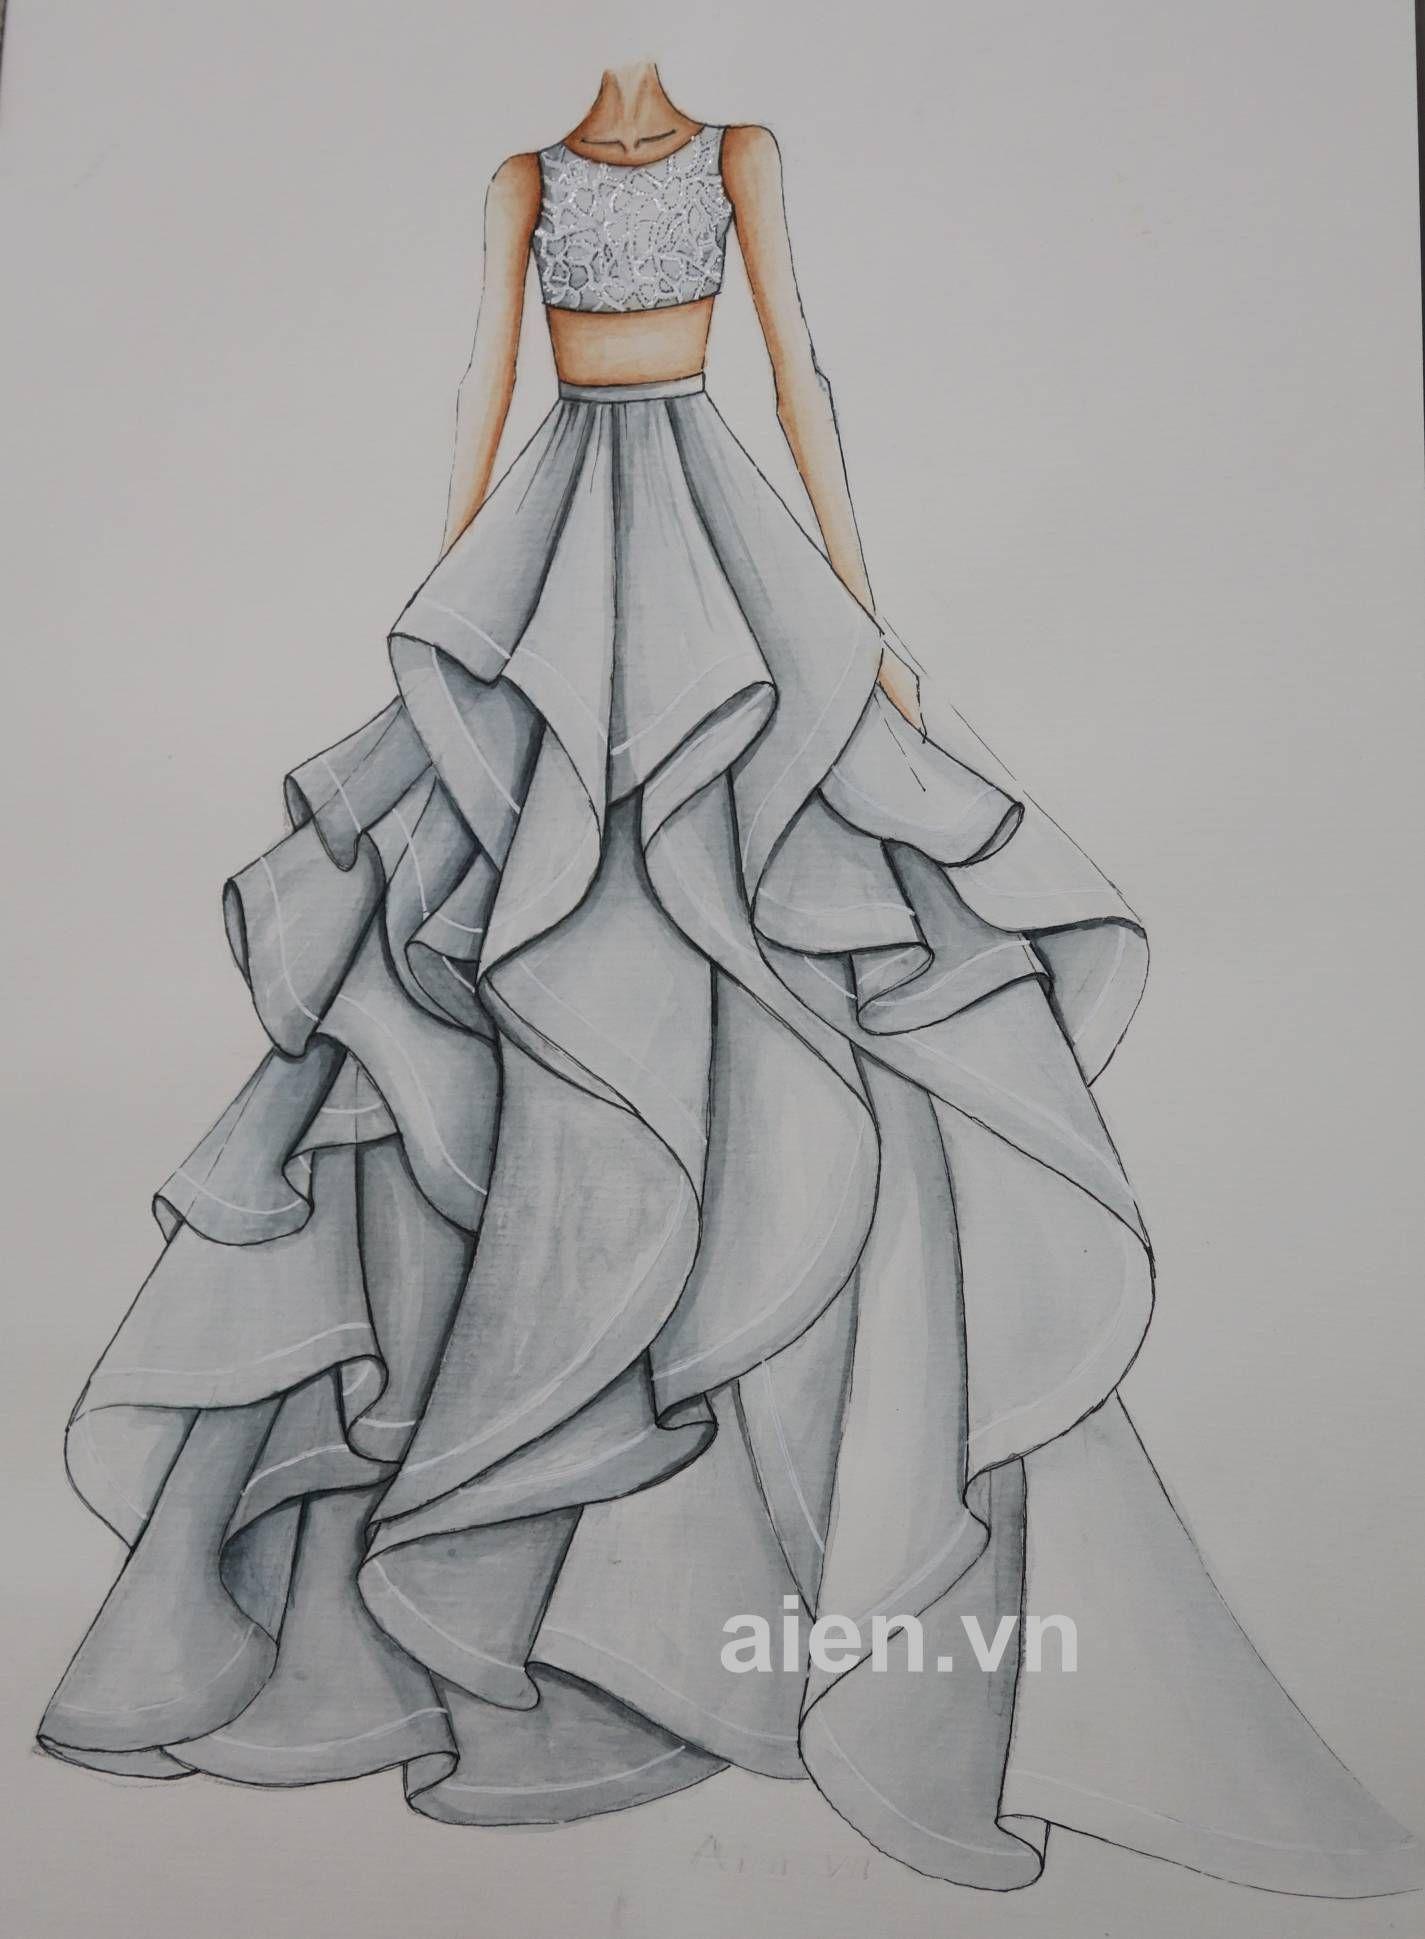 Mẫu phác thảo a07 dress design drawing dress design sketches wedding dress sketches